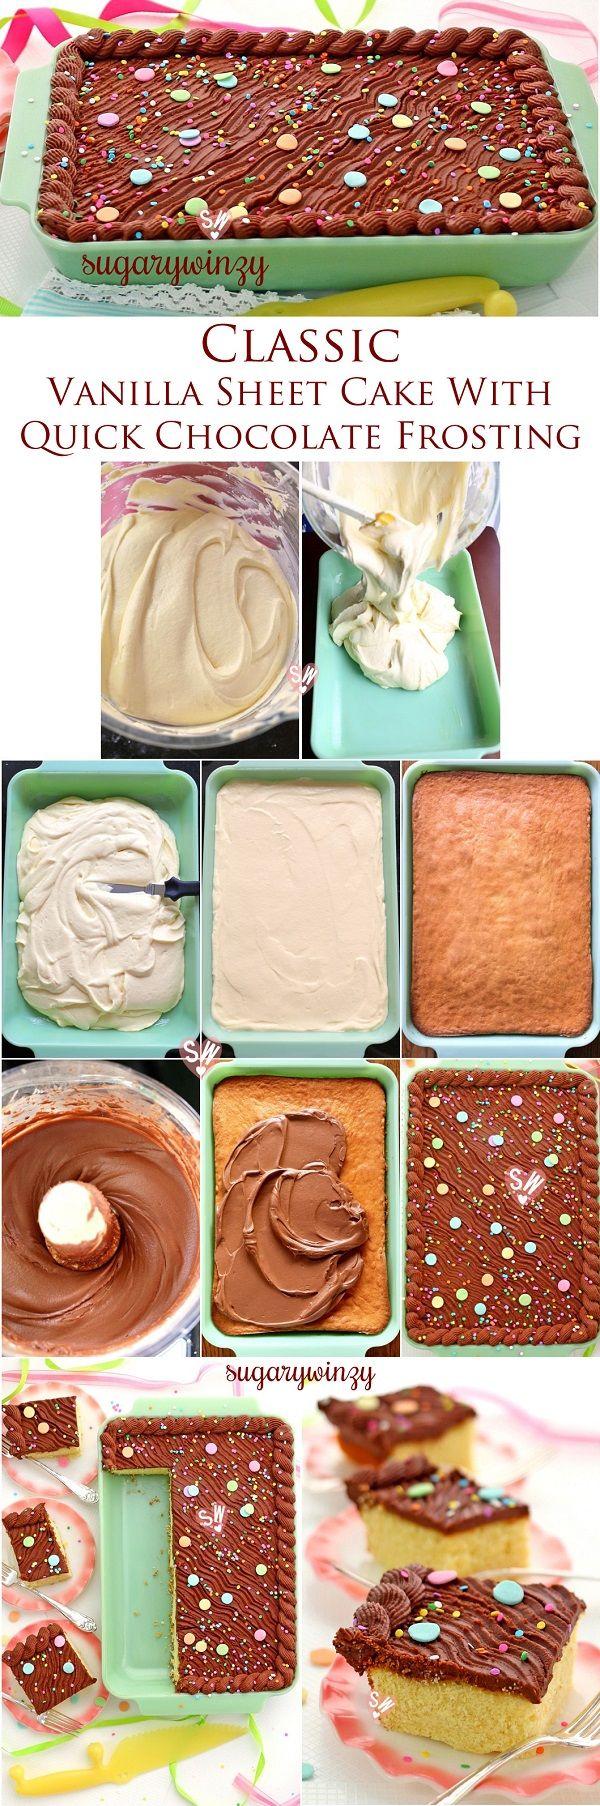 Torta de la hoja SugaryWinzy clásico de vainilla con helar del chocolate rápida